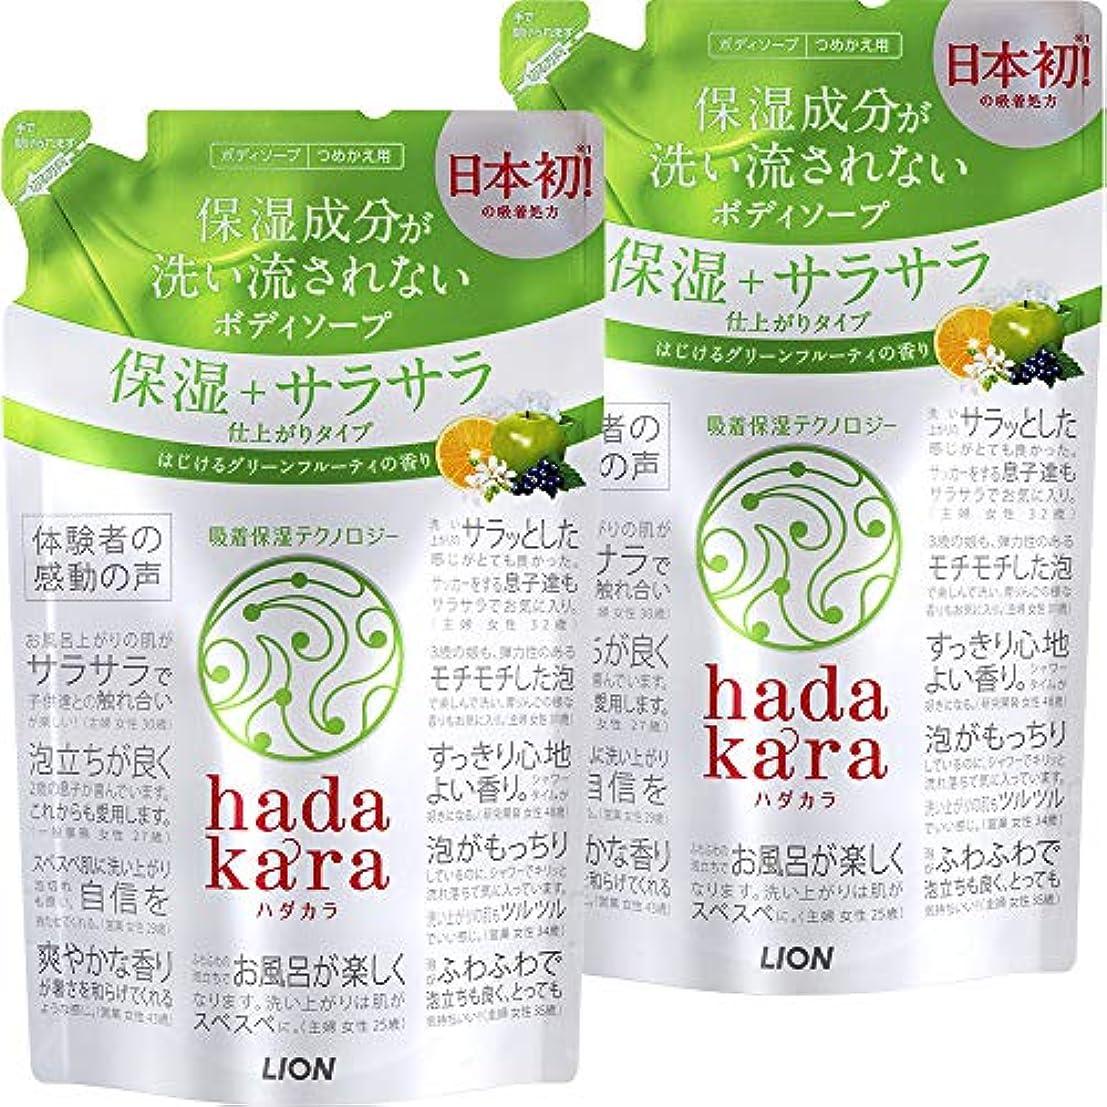 キリスト教名前松【まとめ買い】hadakara(ハダカラ) ボディソープ 保湿+サラサラ仕上がりタイプ グリーンフルーティの香り 詰め替え 340ml×2個パック